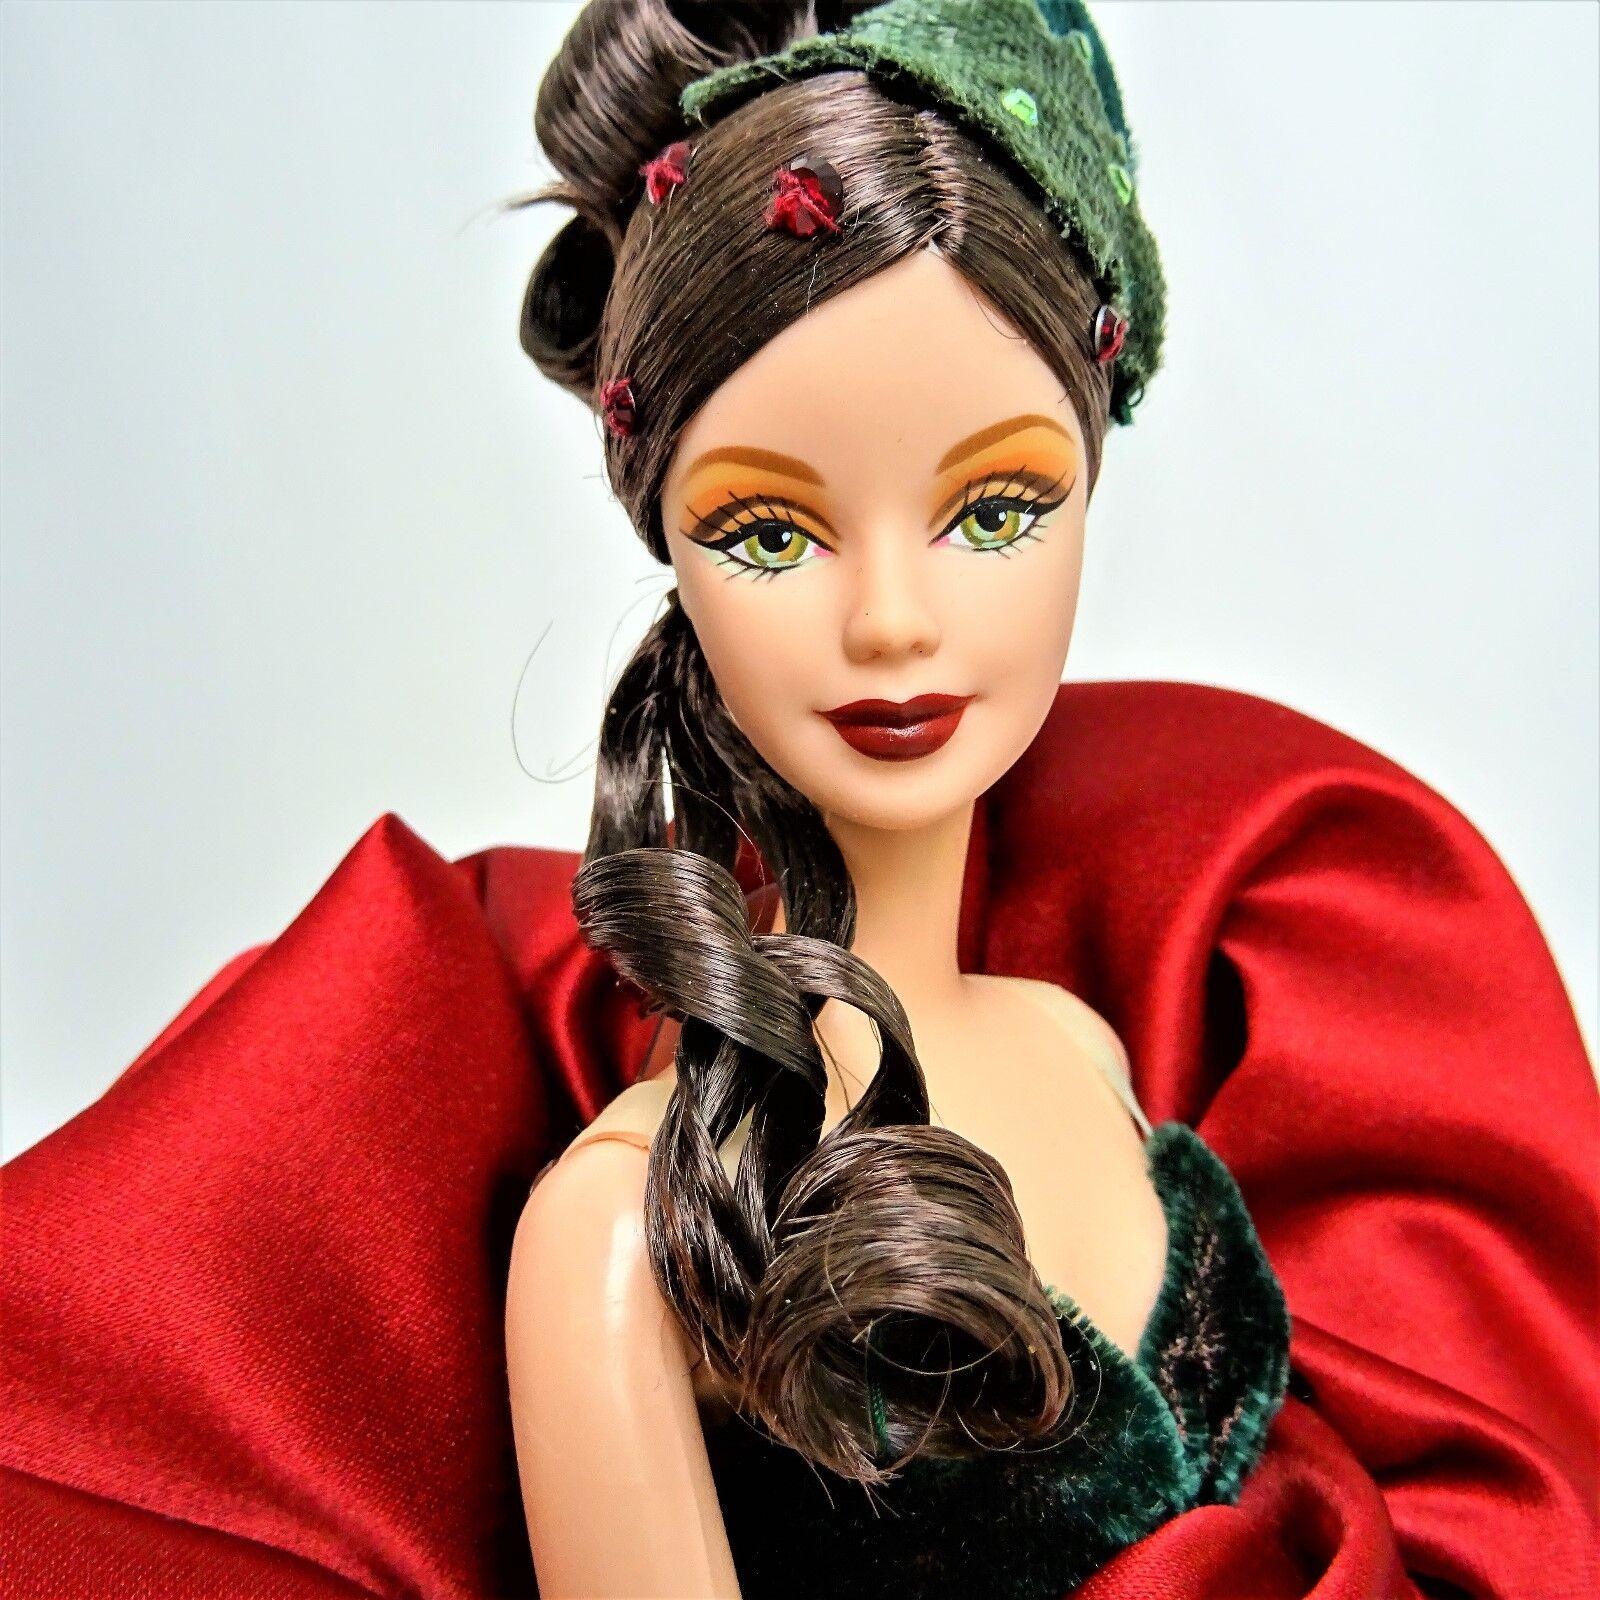 Barbie le ROSE EDIZIONE LIMITATA fiori in Fashion Doll Nuovo di zecca fuori dalla scatola